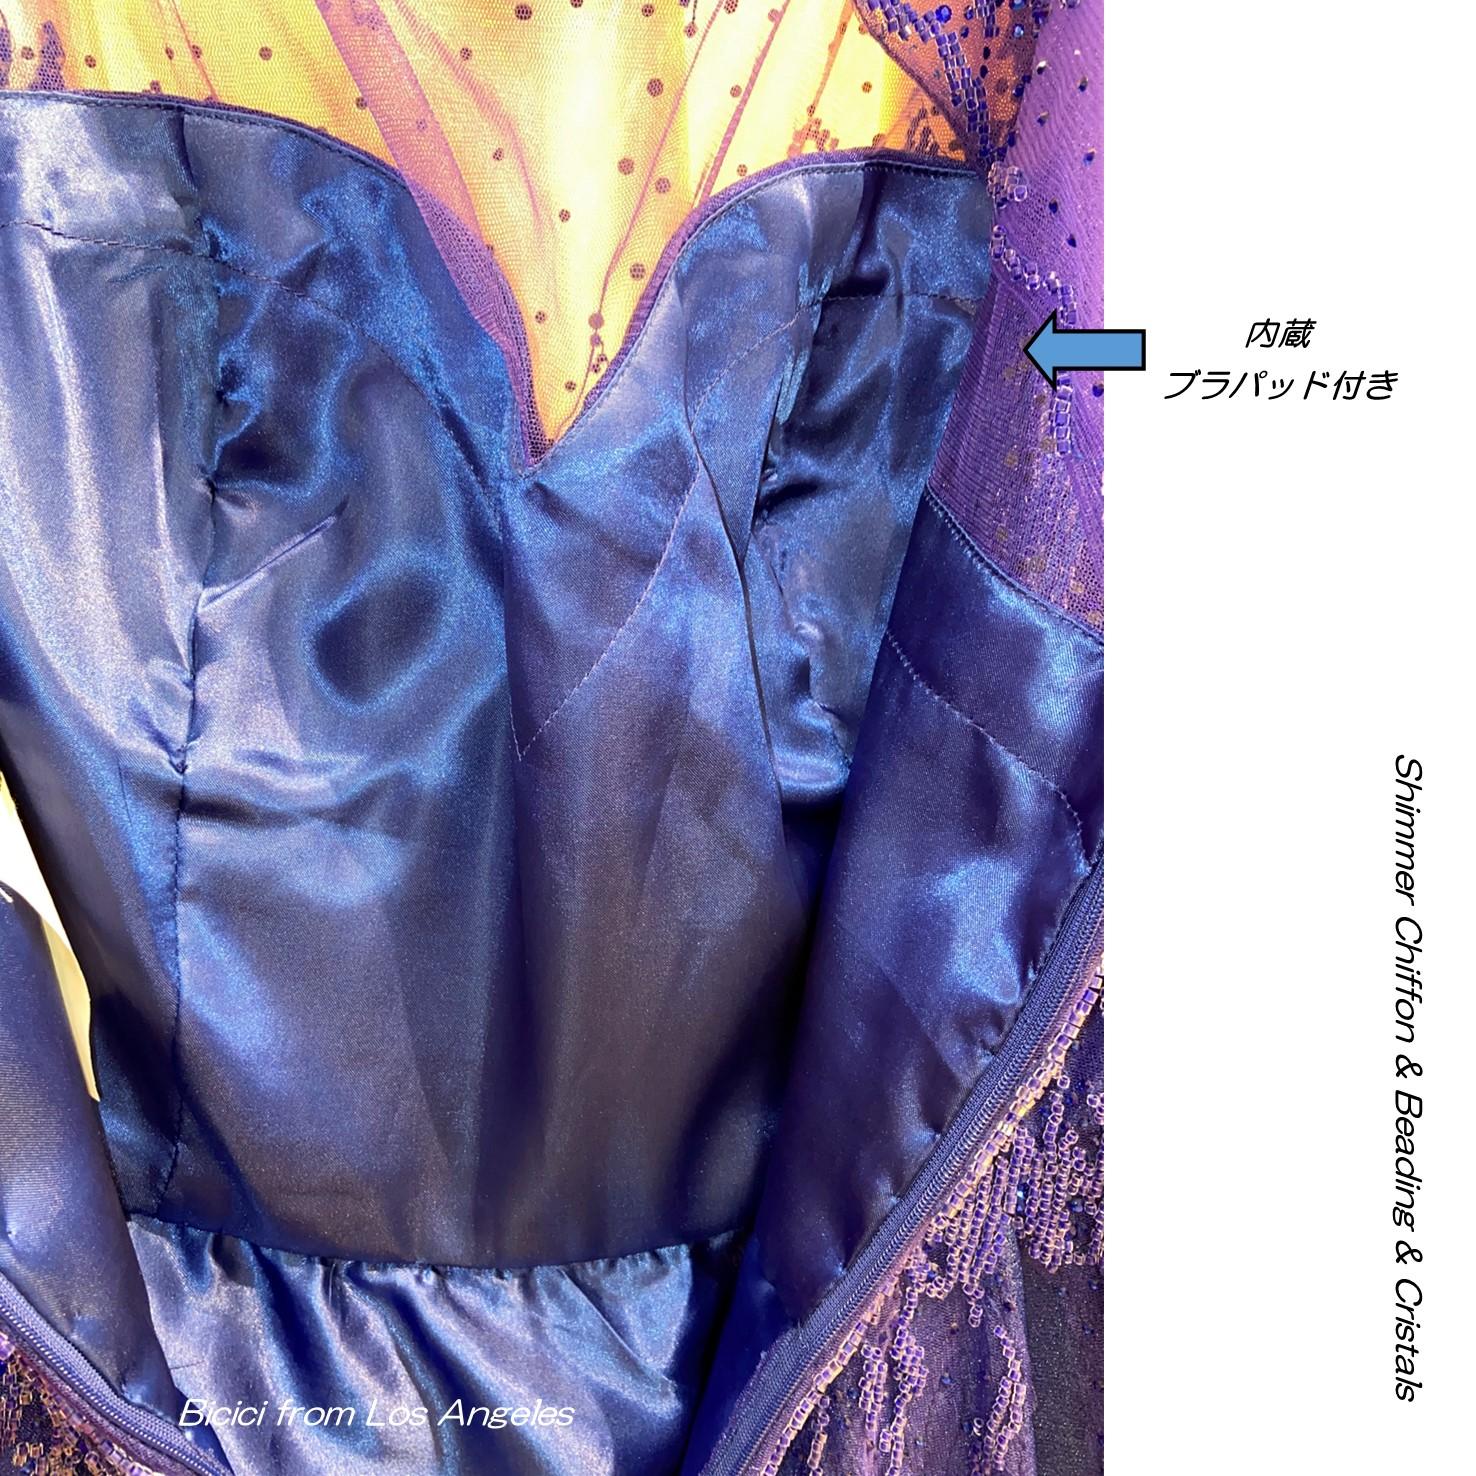 インポートドレス 袖付 エンパイアドレス マザーオフブライド シフォン ビーズ メタルカラー ロイヤルブルー 演奏会用ドレス 発表会ドレス 演奏会ピアノ パーティドレス ジャズ シャンソン イブニングドレス ステージドレス パーティ